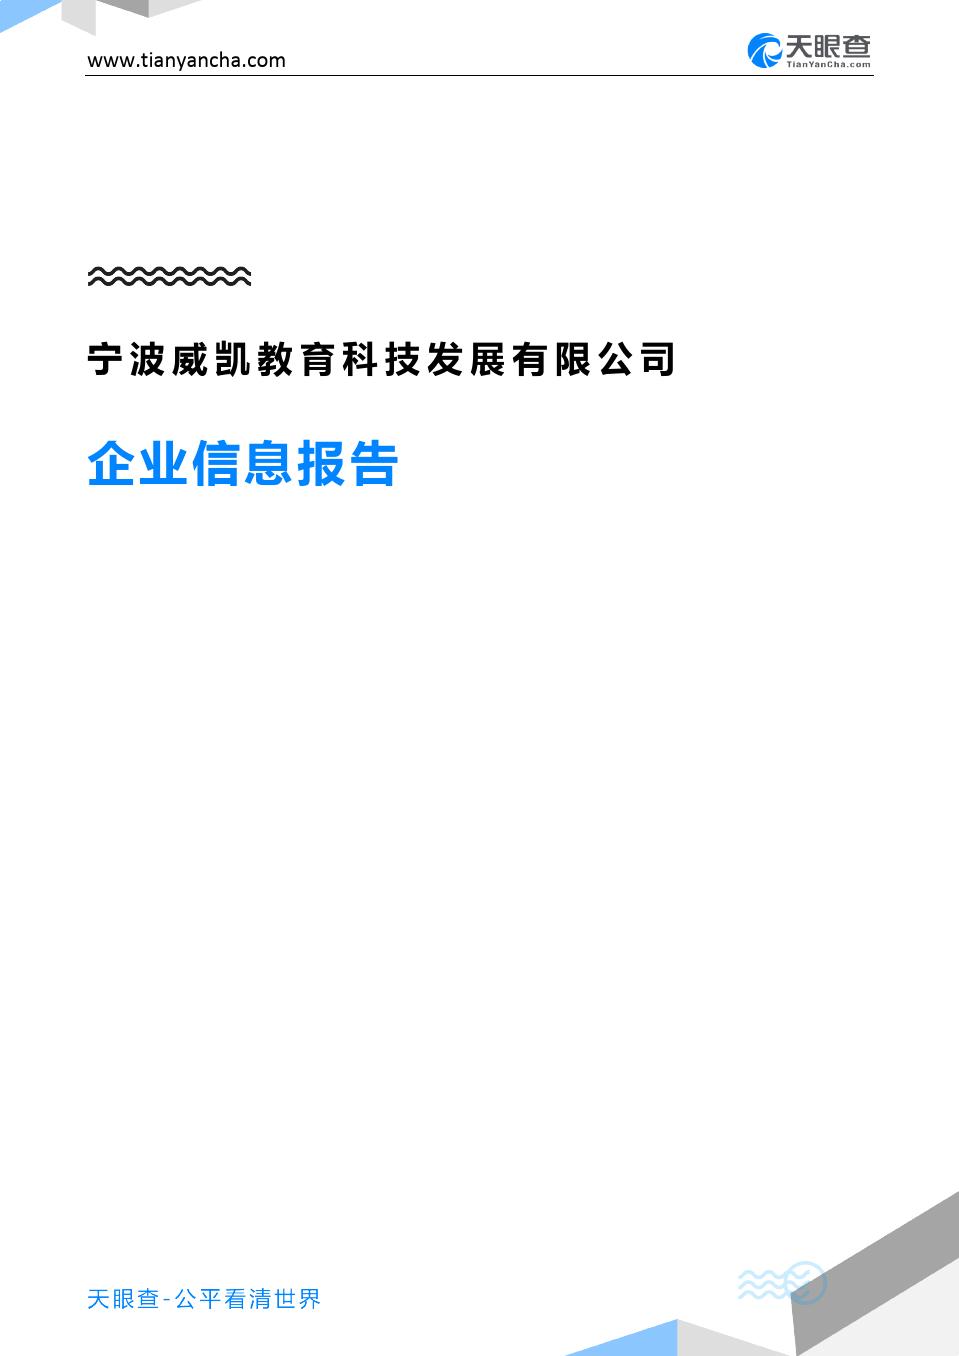 宁波威凯教育科技发展有限公司企业信息报告-天眼查